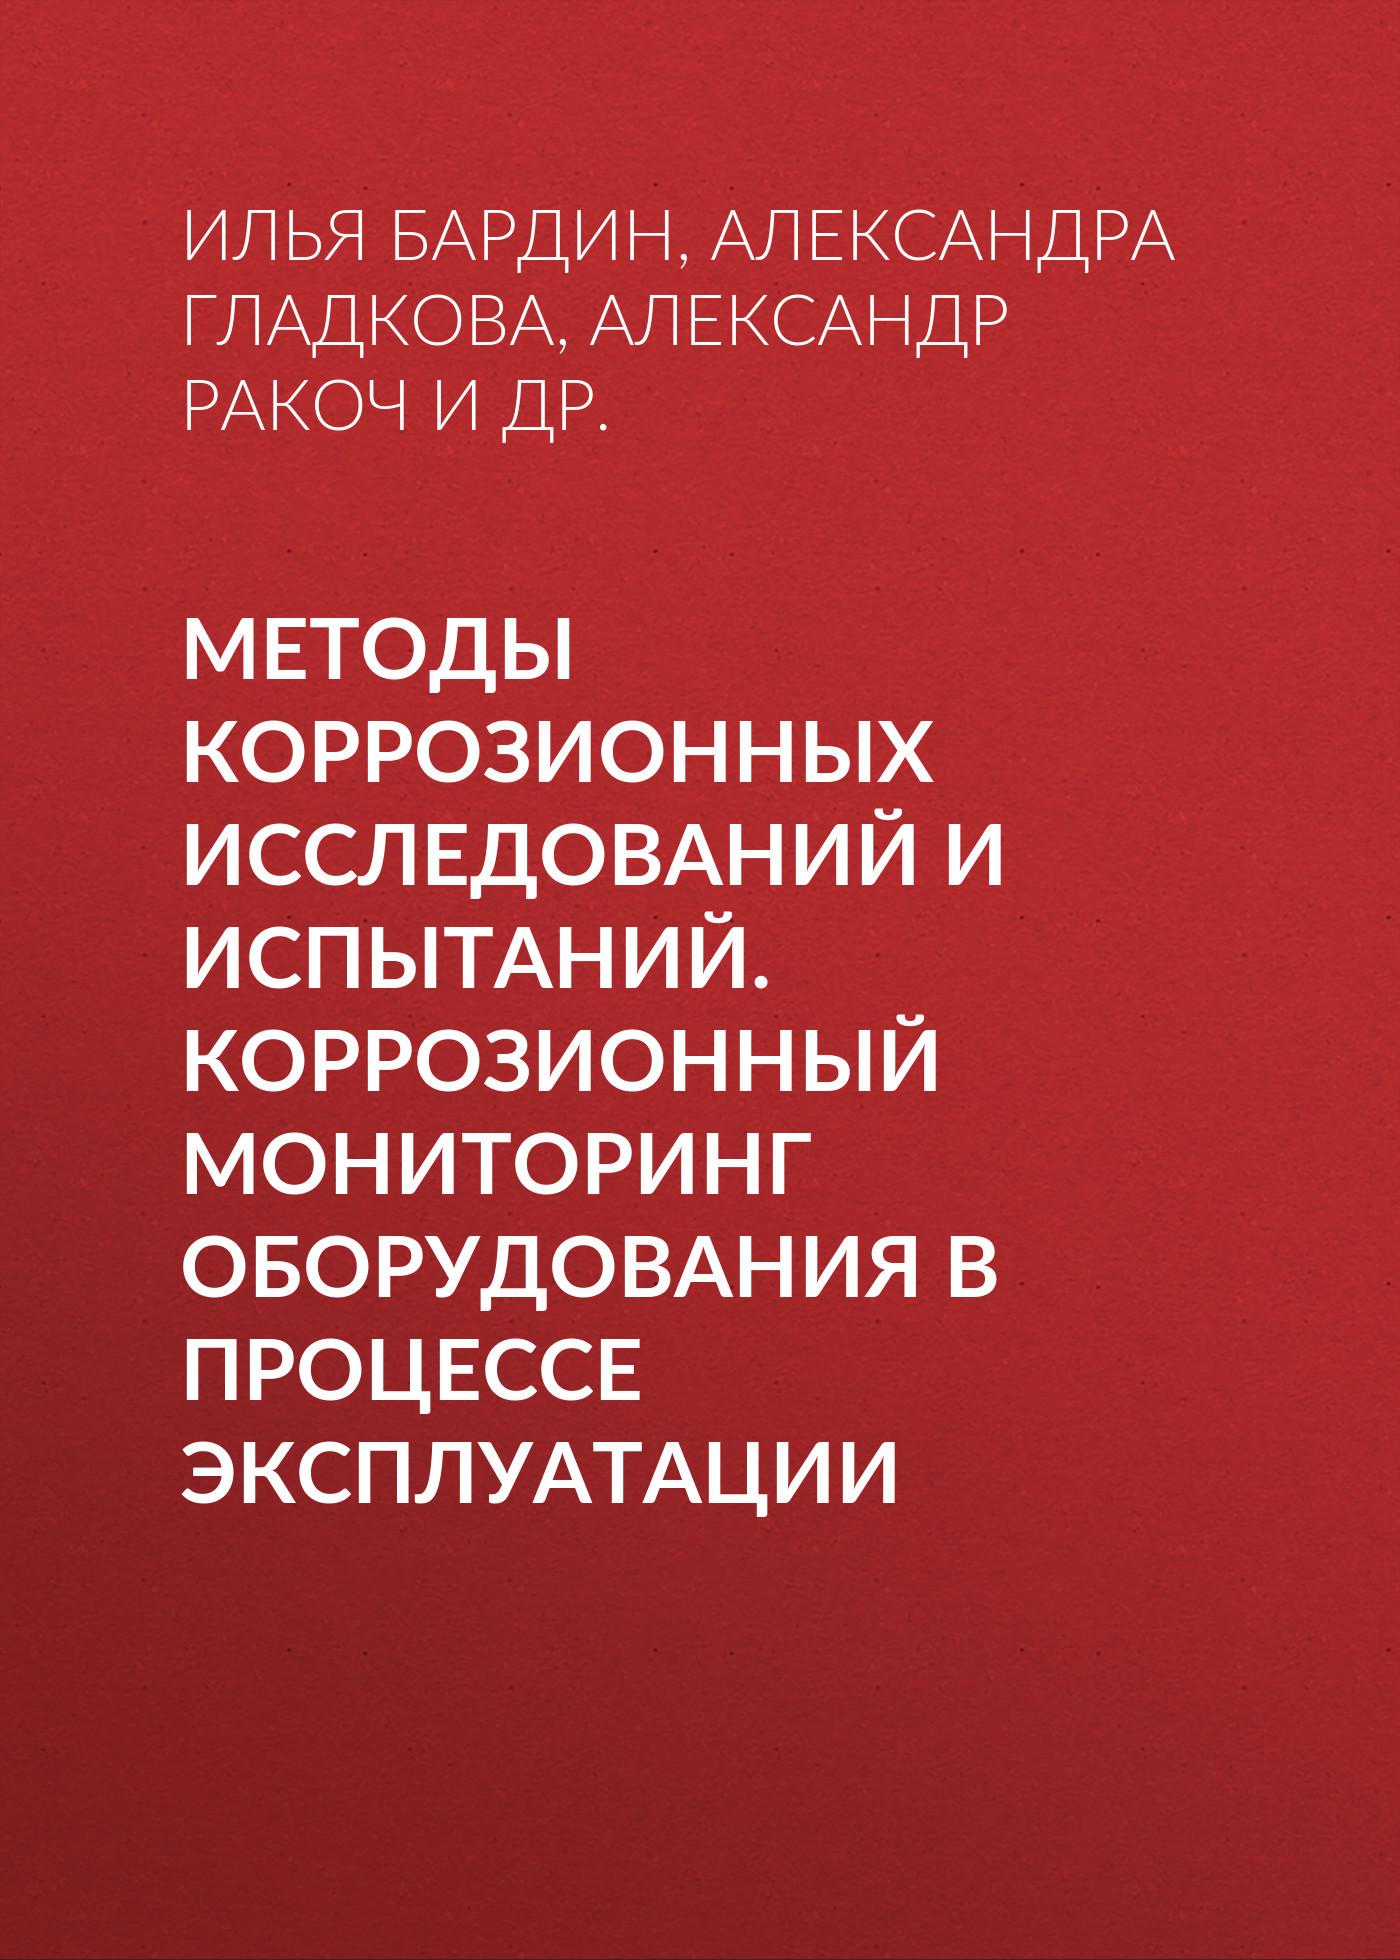 Обложка книги Методы коррозионных исследований и испытаний. Коррозионный мониторинг оборудования в процессе эксплуатации, автор Александр Ракоч